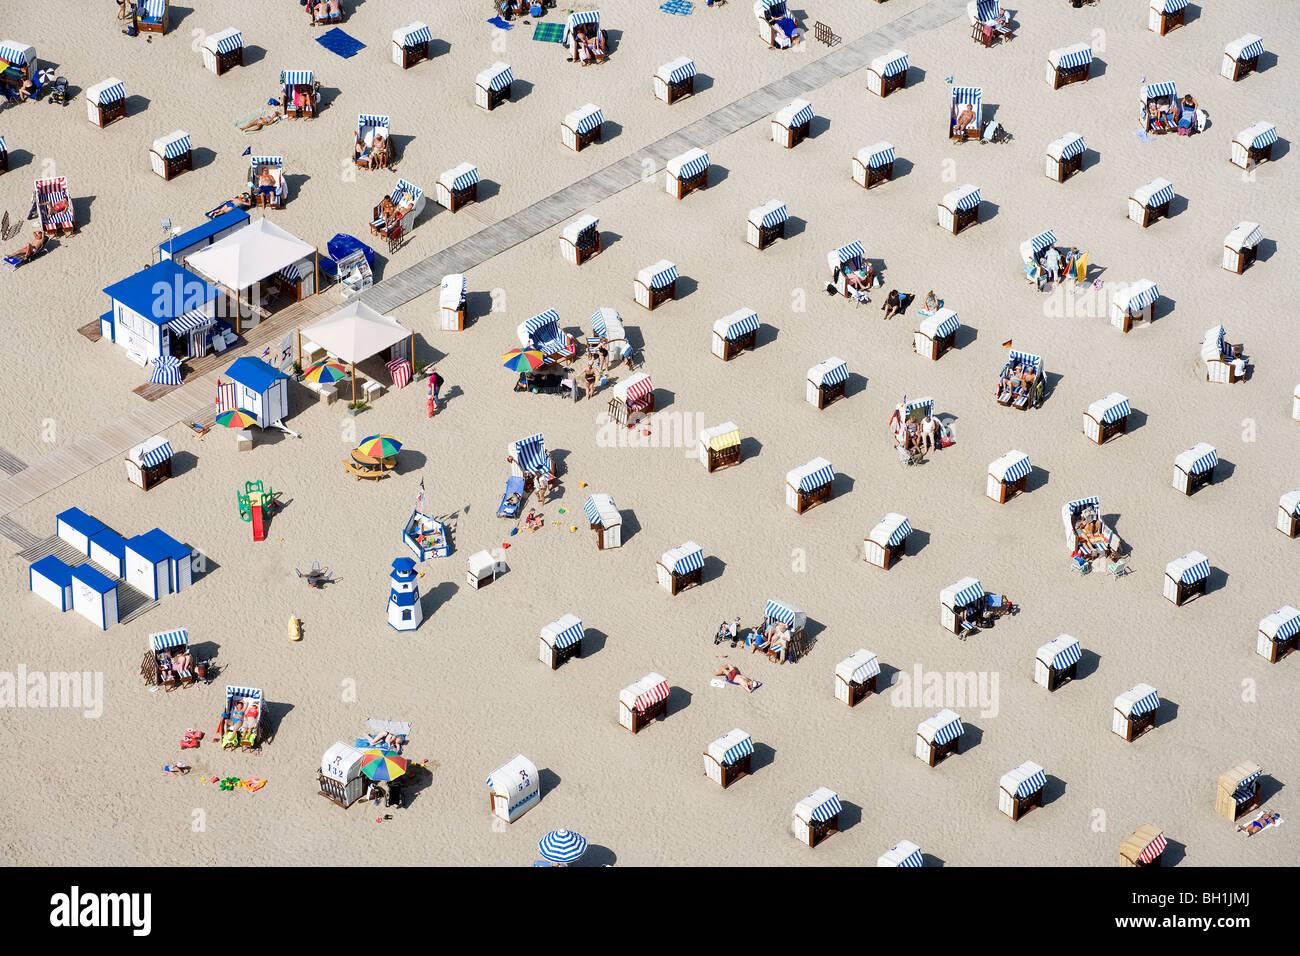 Un alto ángulo de visualización en la playa con sillas de playa, bajo la luz del sol, Travemuende, Schleswig Imagen De Stock